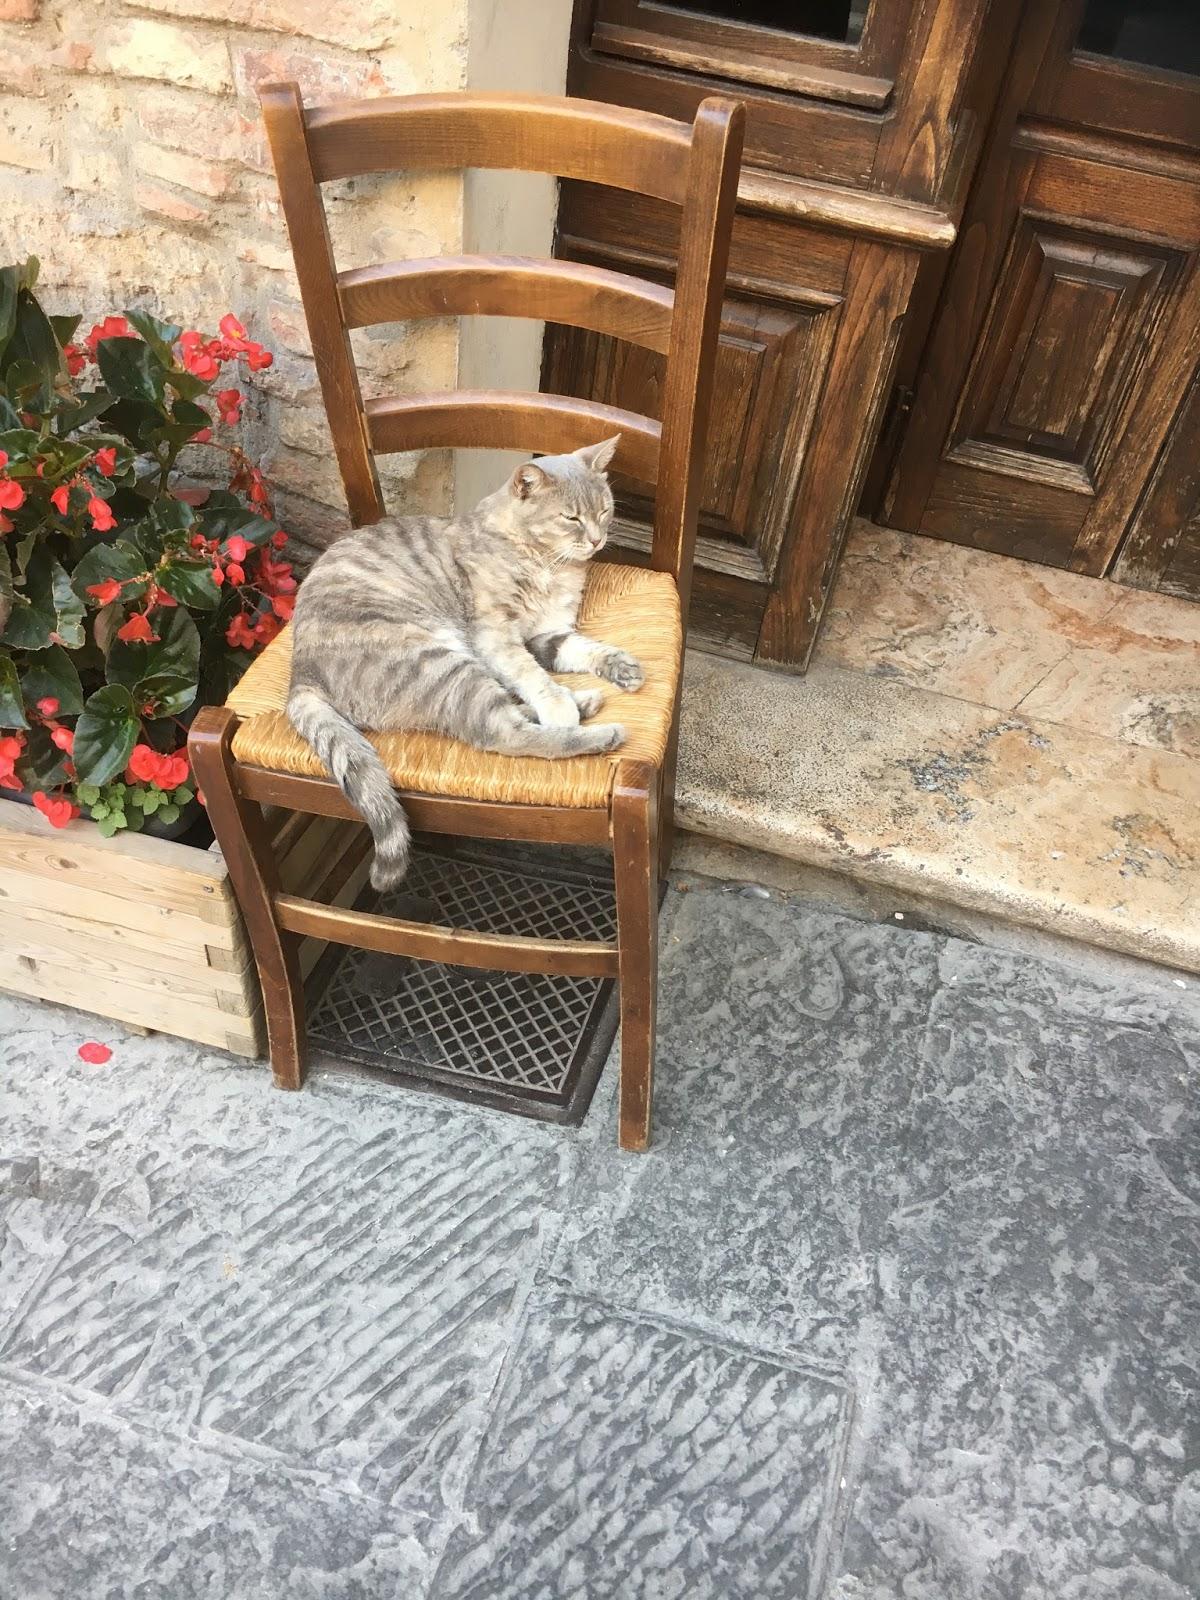 Du 39 chiacchiere a montepulciano la sedia impagliata for Sedia impagliata